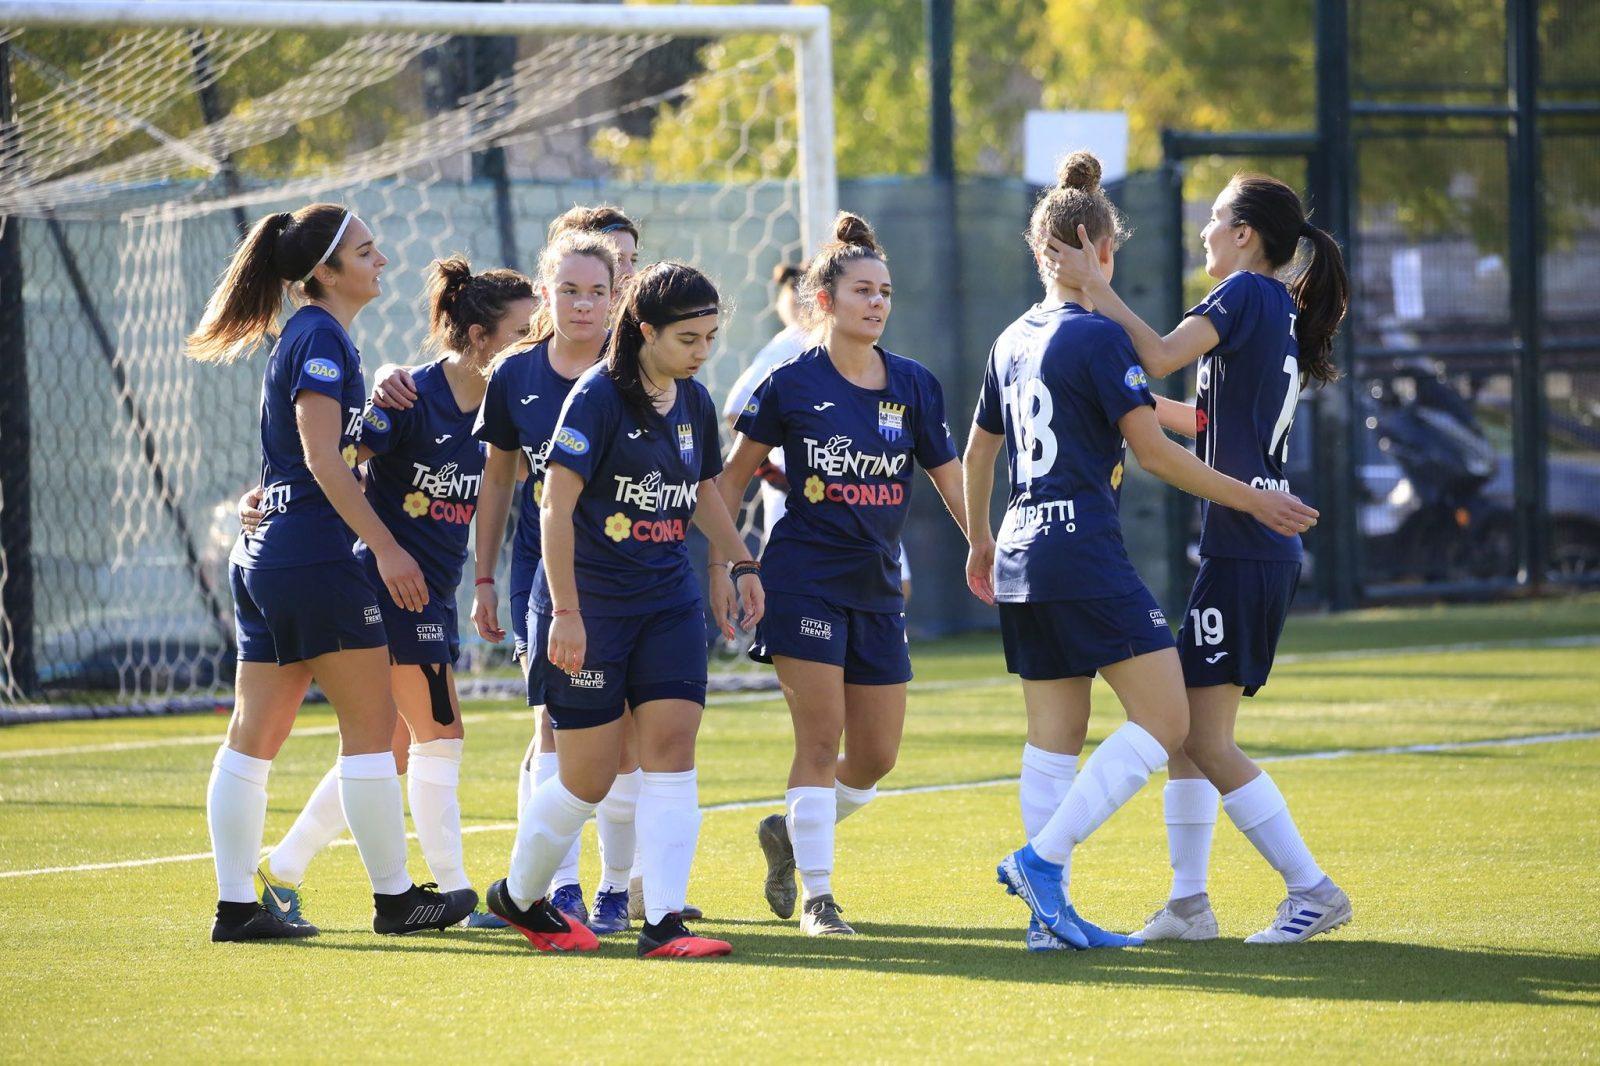 Foto di squadra_Trento calcio femminile